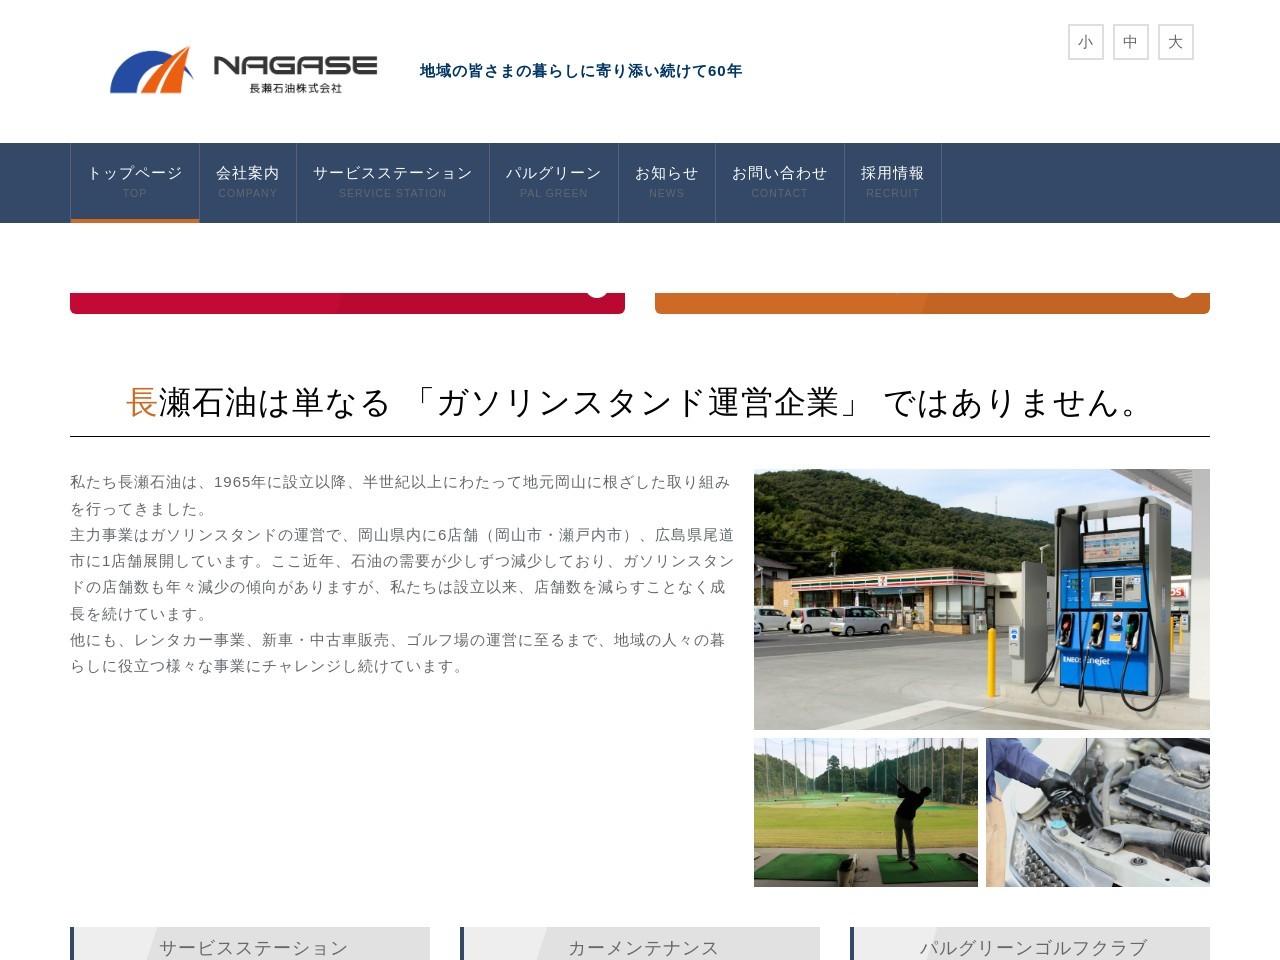 長瀬石油株式会社/車検・整備のお問い合わせ